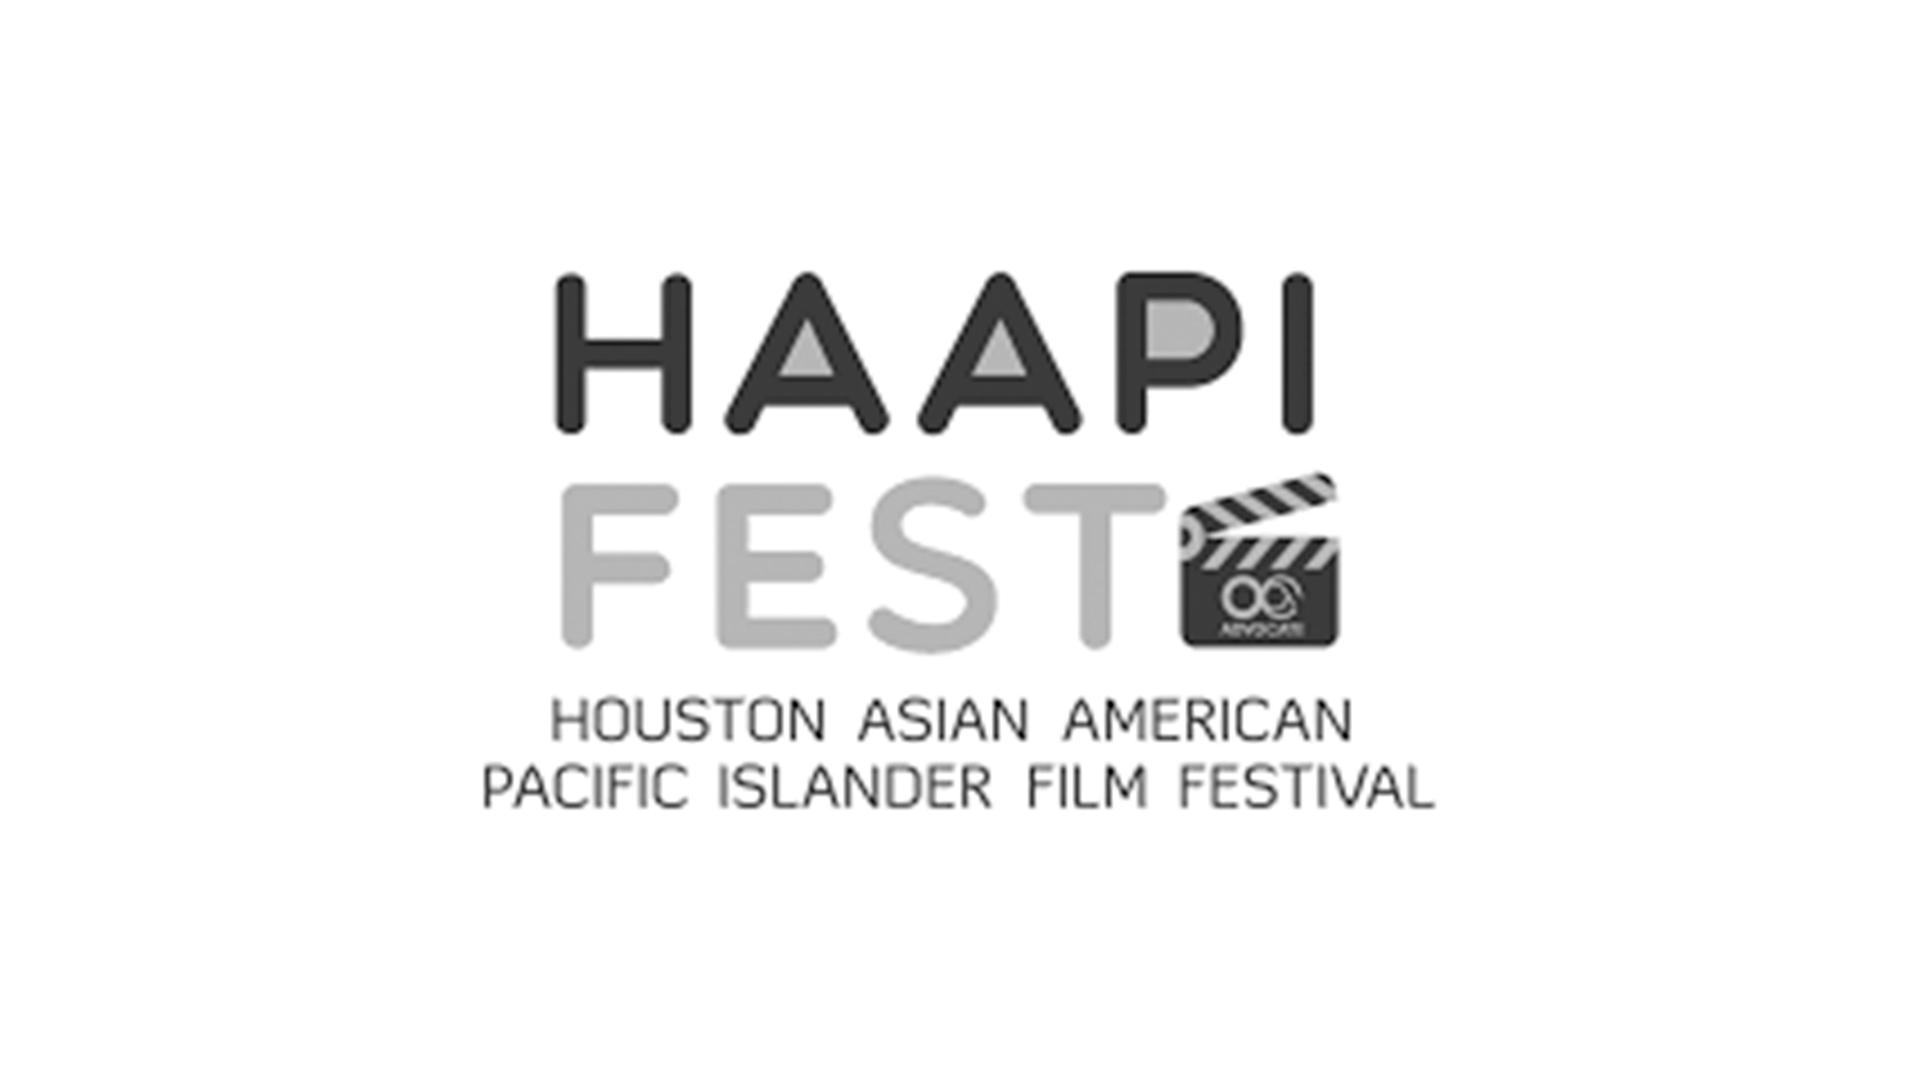 HAAPI Film Festival_Partner_1920x1080